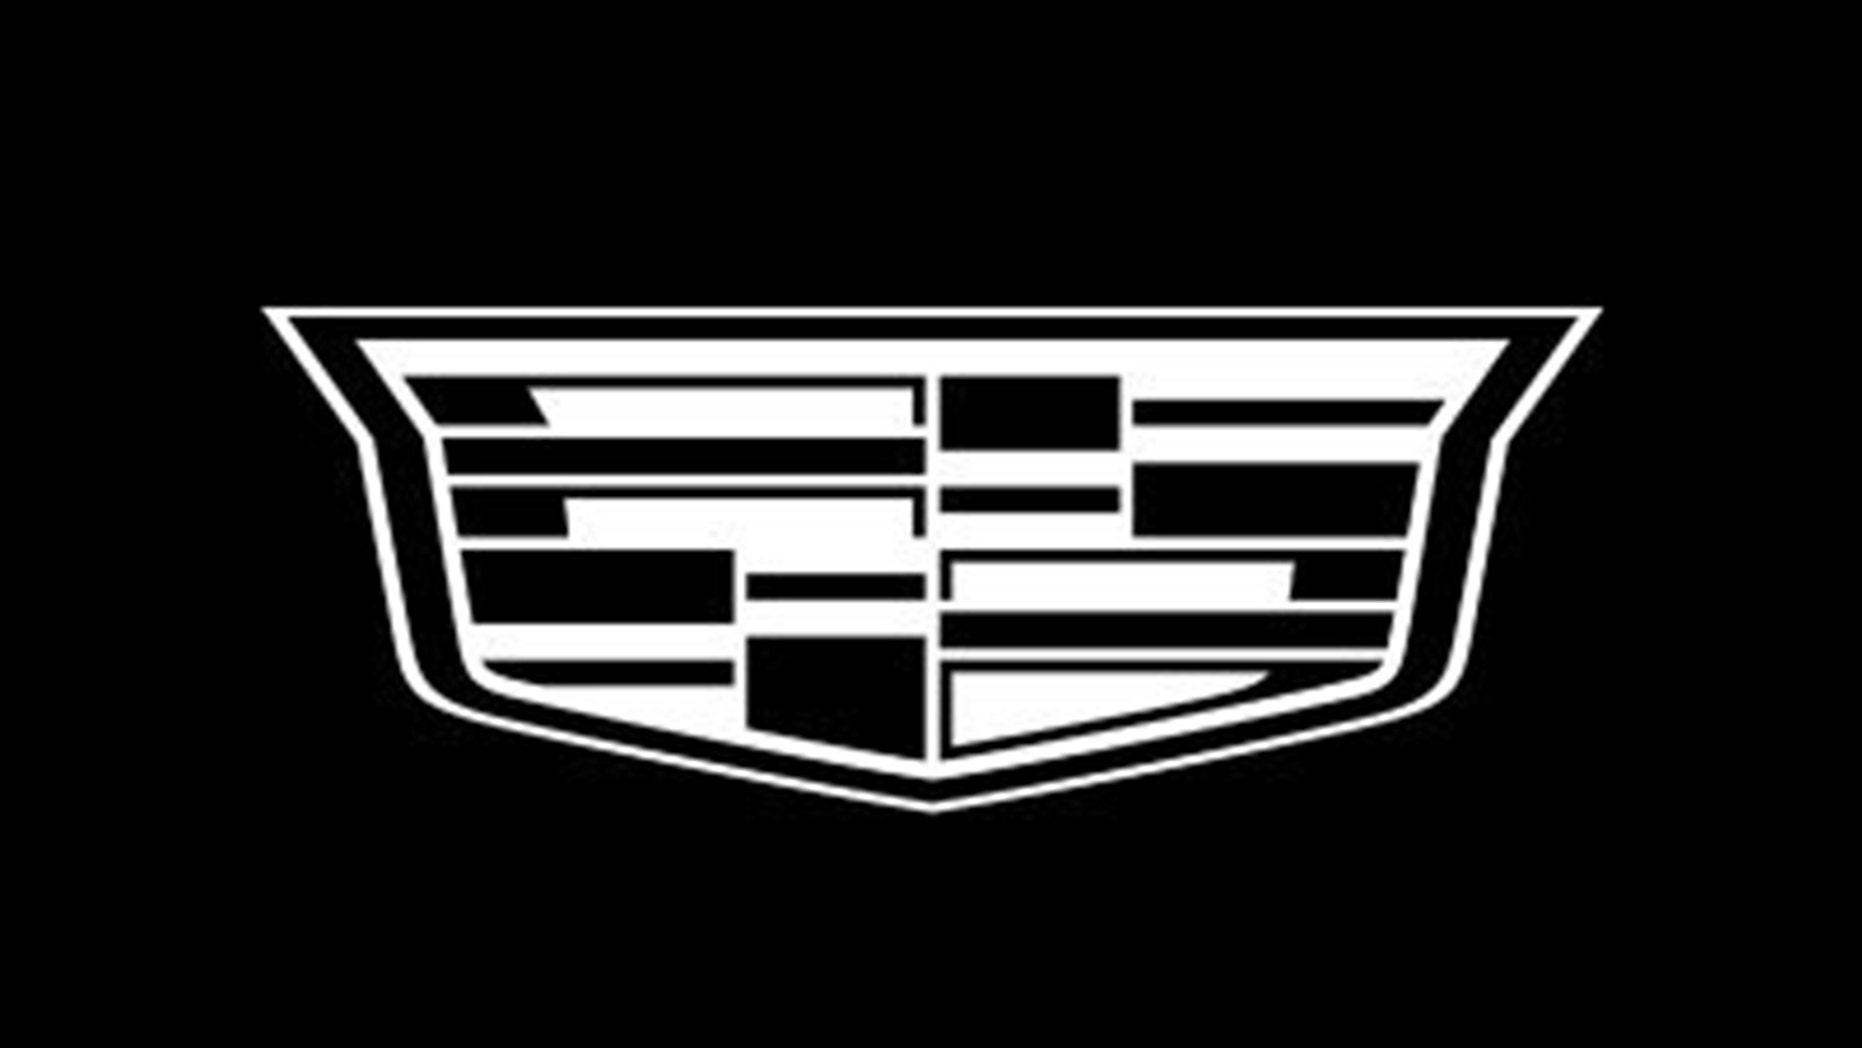 Situs web Cadillac dan properti media sosial telah beralih ke versi hitam dan putih dari puncaknya. (Cadillac)